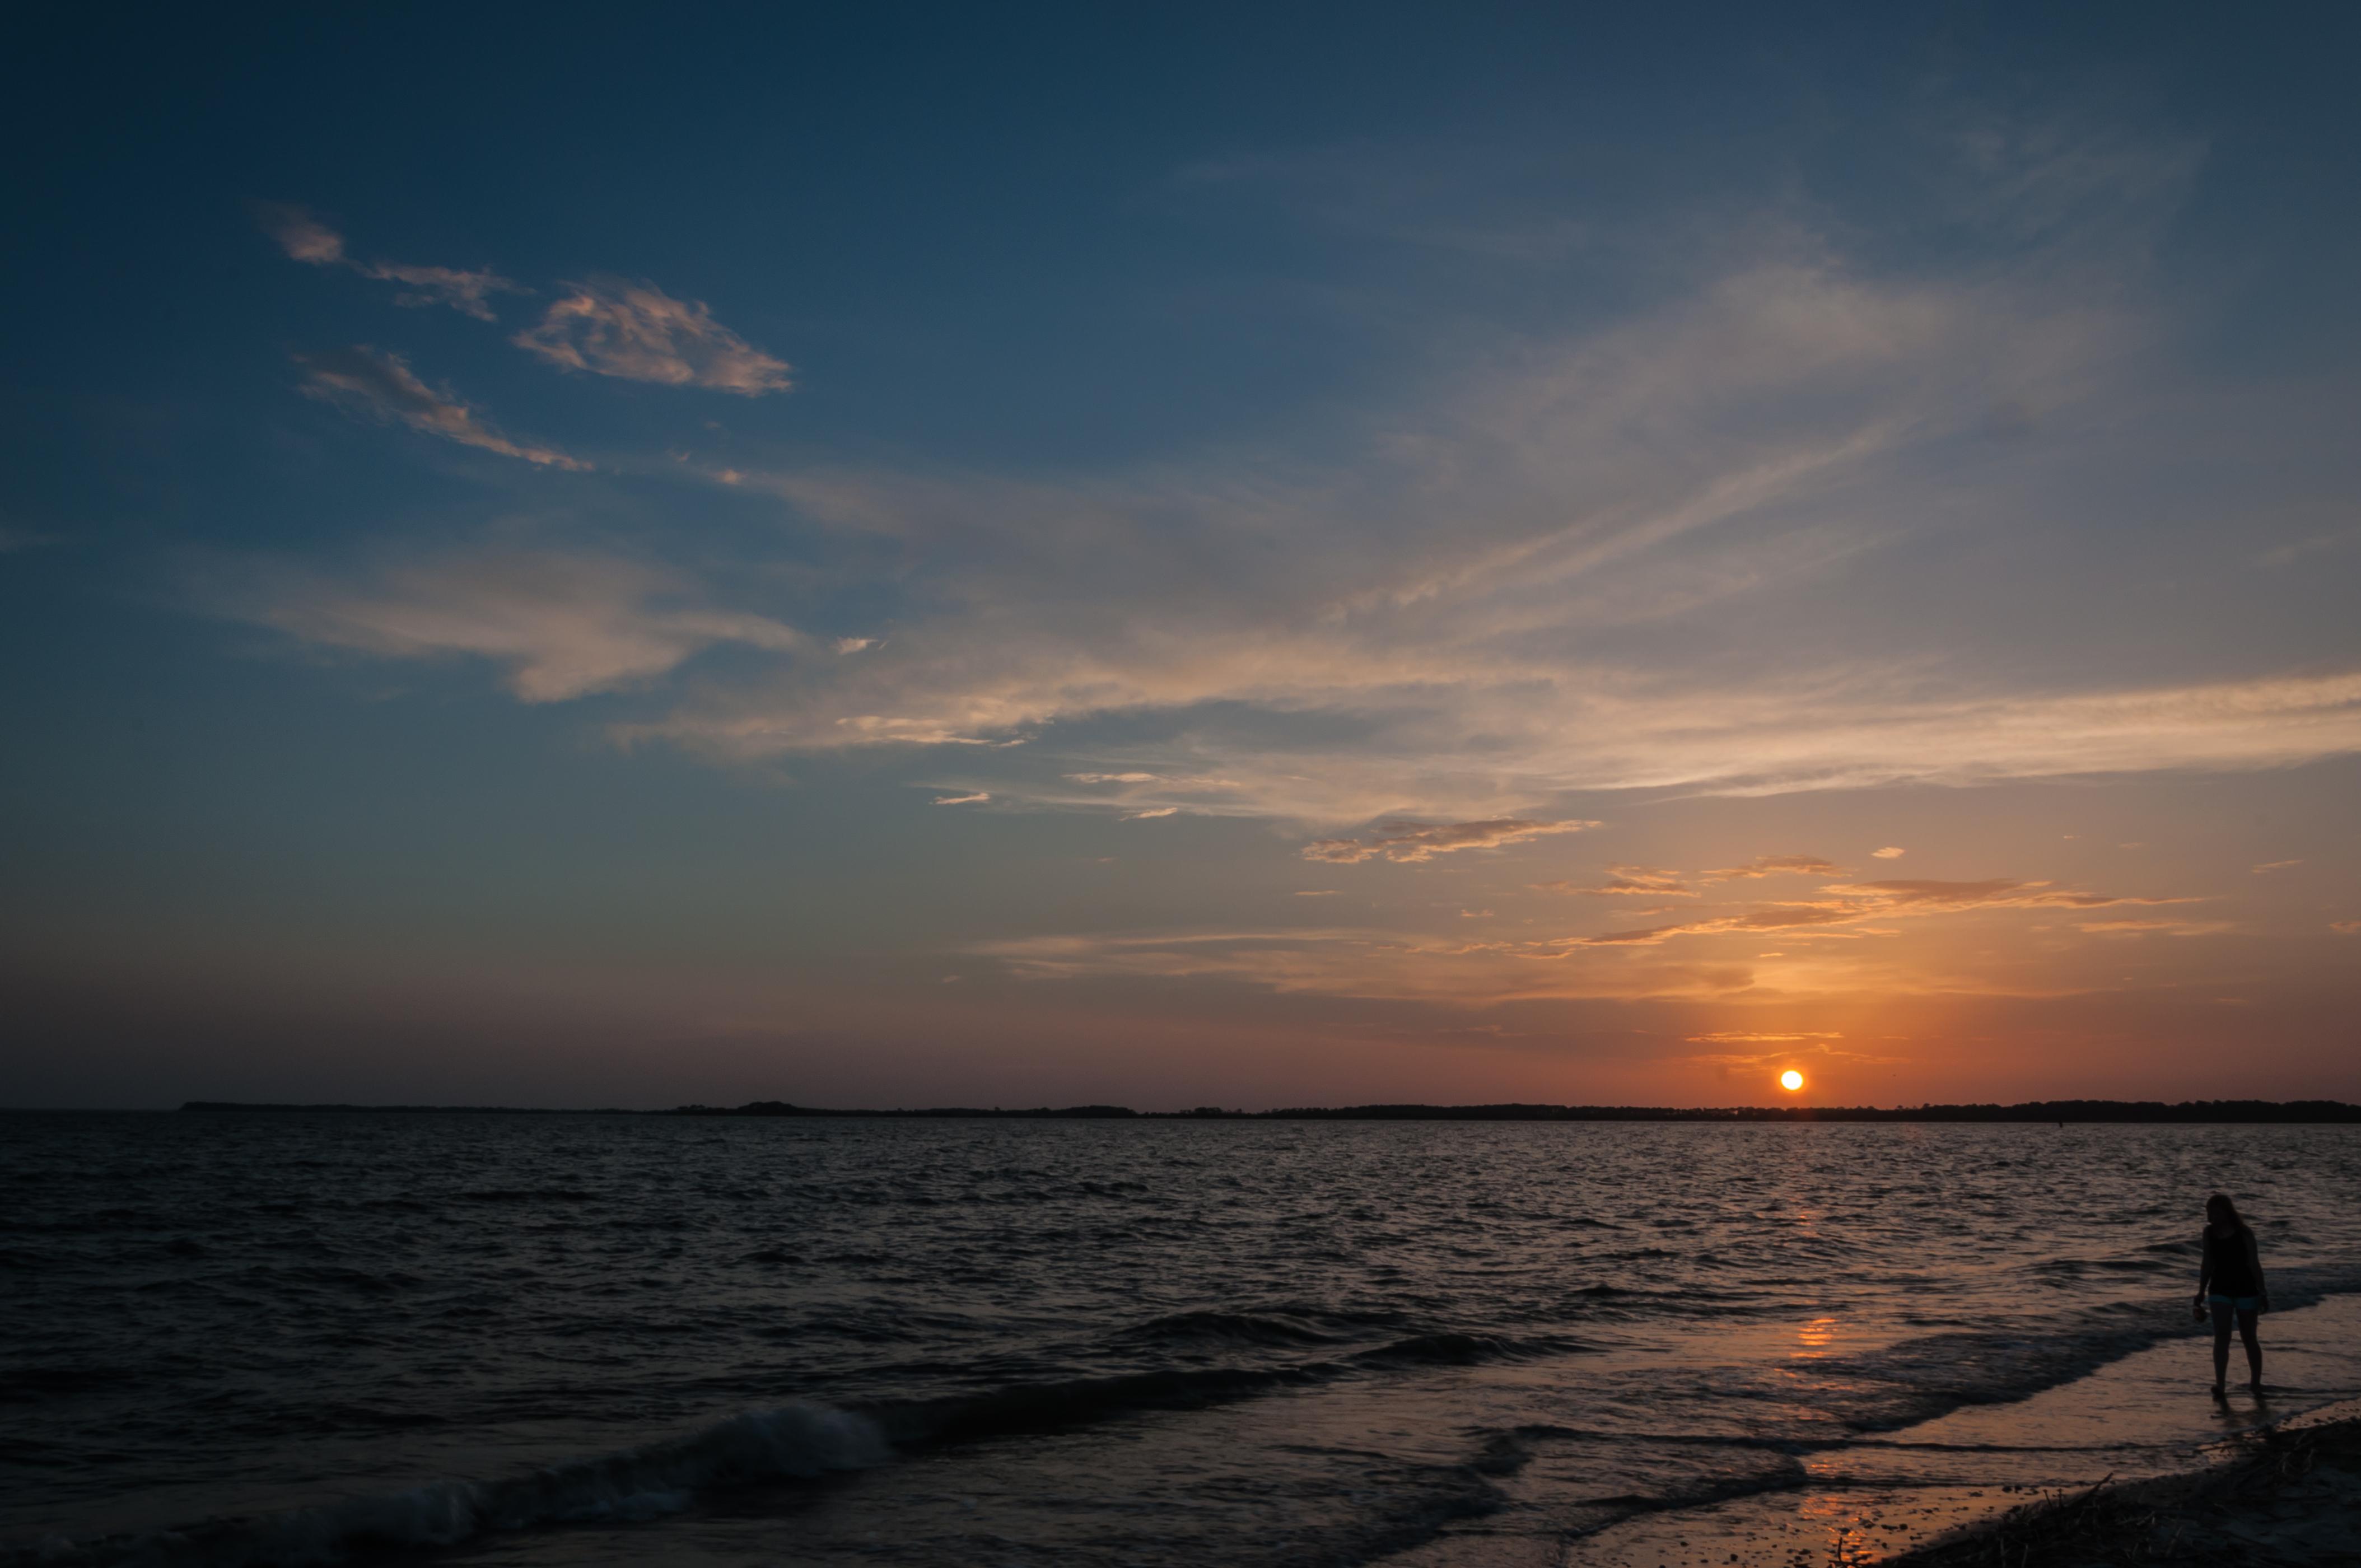 Edisto-sunset-silhouette